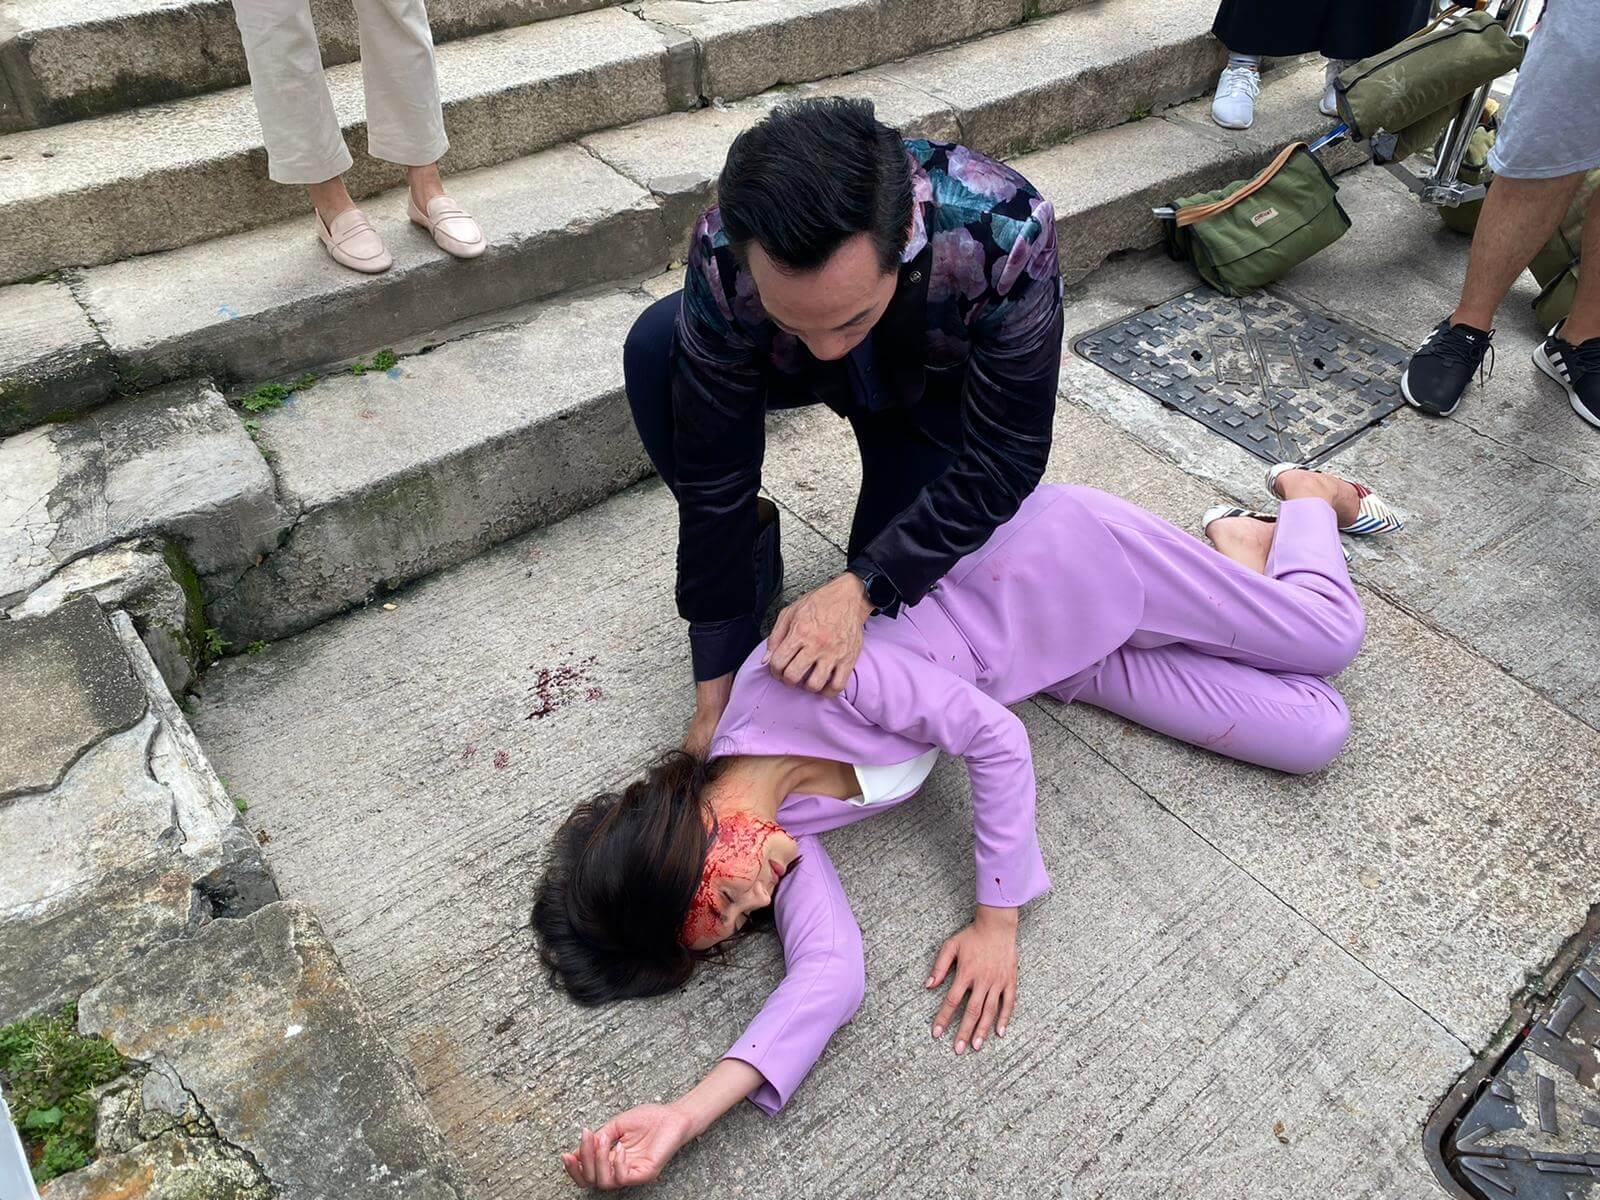 劇中演陳豪前妻,她被人推落樓梯,導致頭破血流,陳豪在旁呵護。